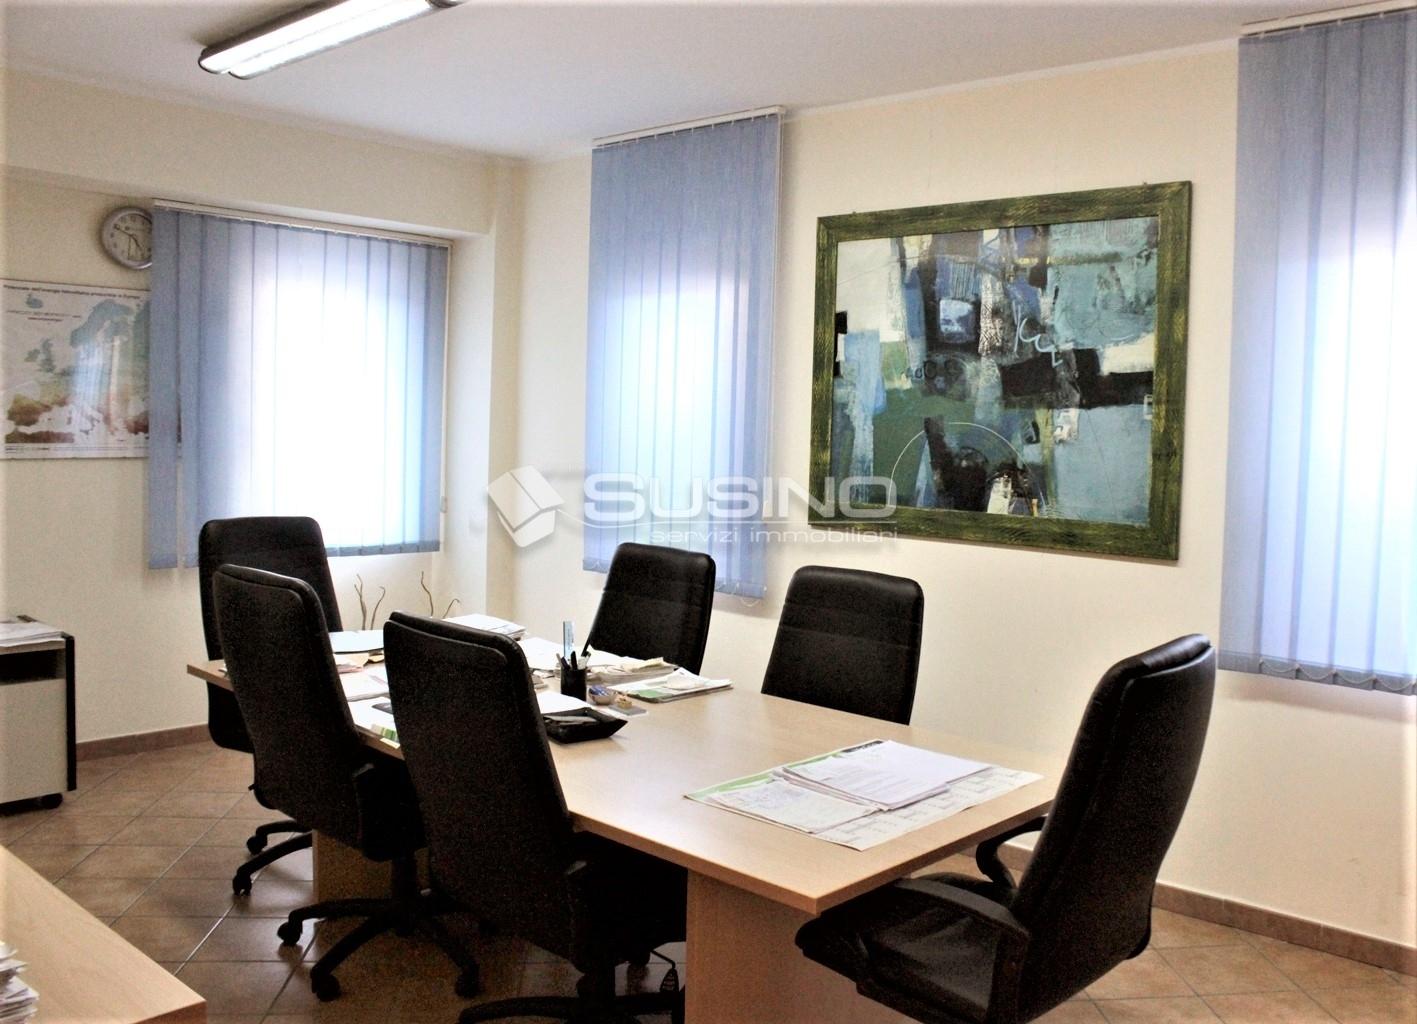 Ufficio / Studio in vendita a Siracusa, 9999 locali, zona Località: ScalaGreca, prezzo € 95.000 | CambioCasa.it